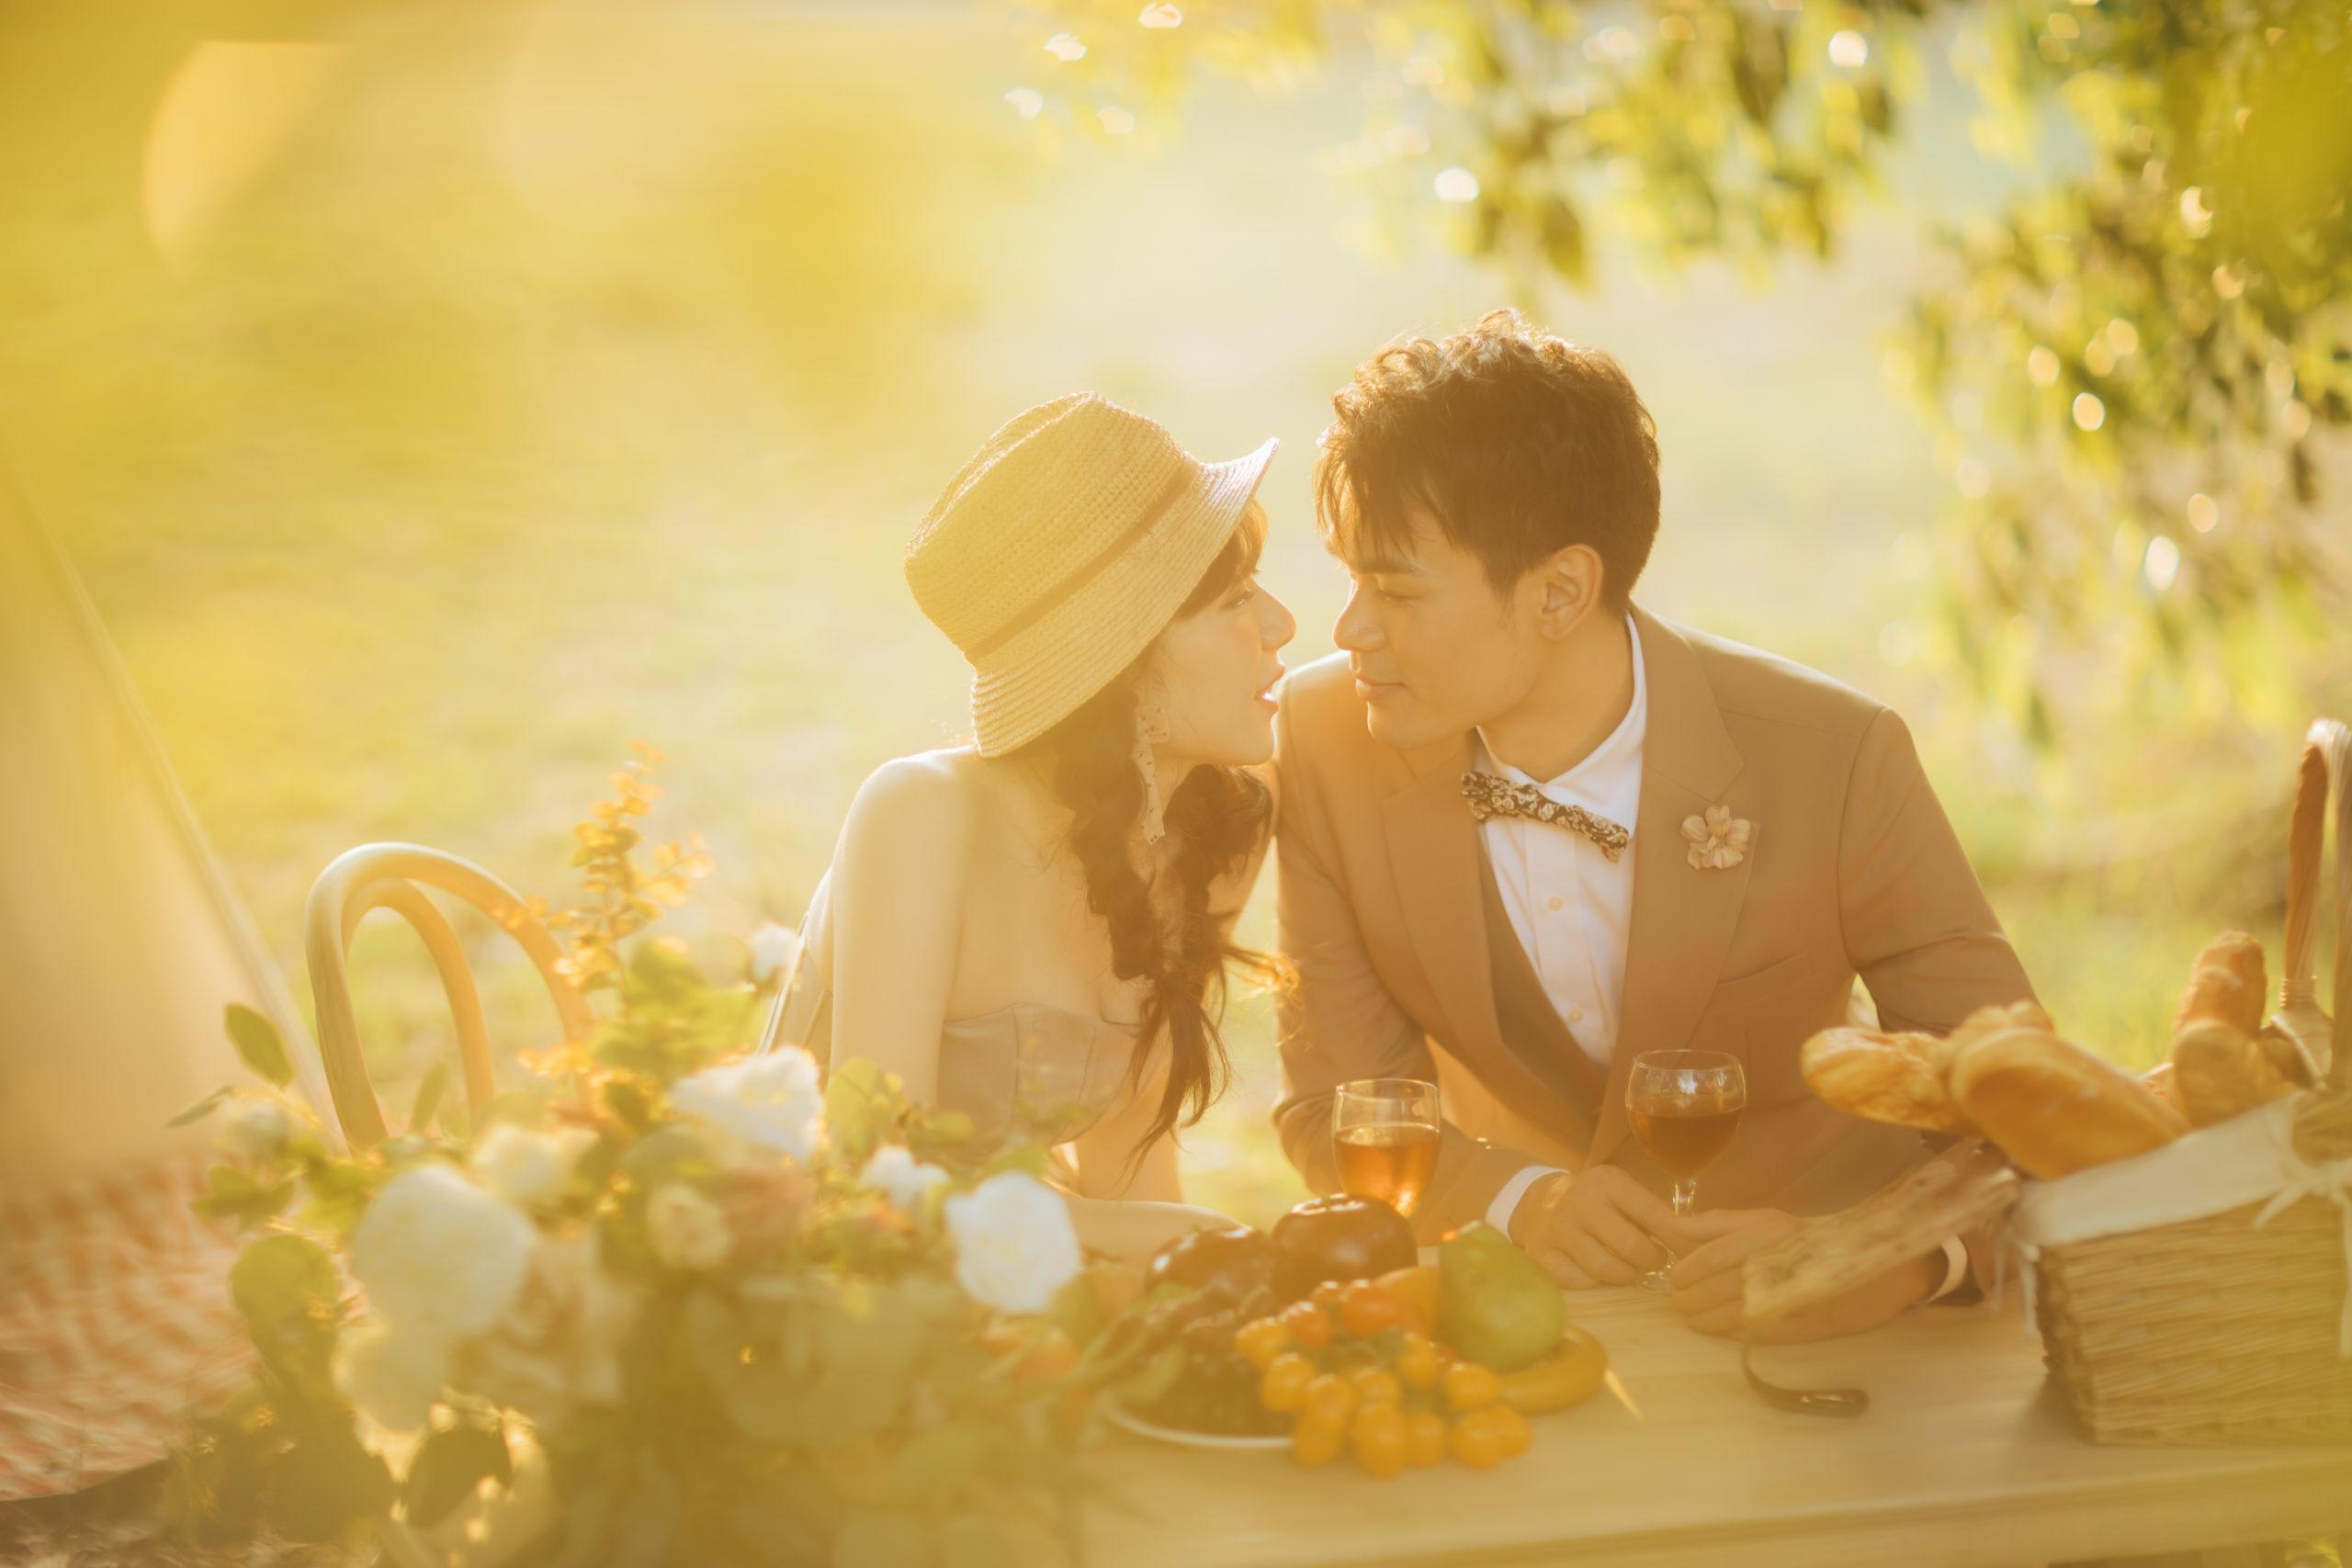 台南婚紗|少女必拍的法式野餐風|田園復古婚紗照|澤于